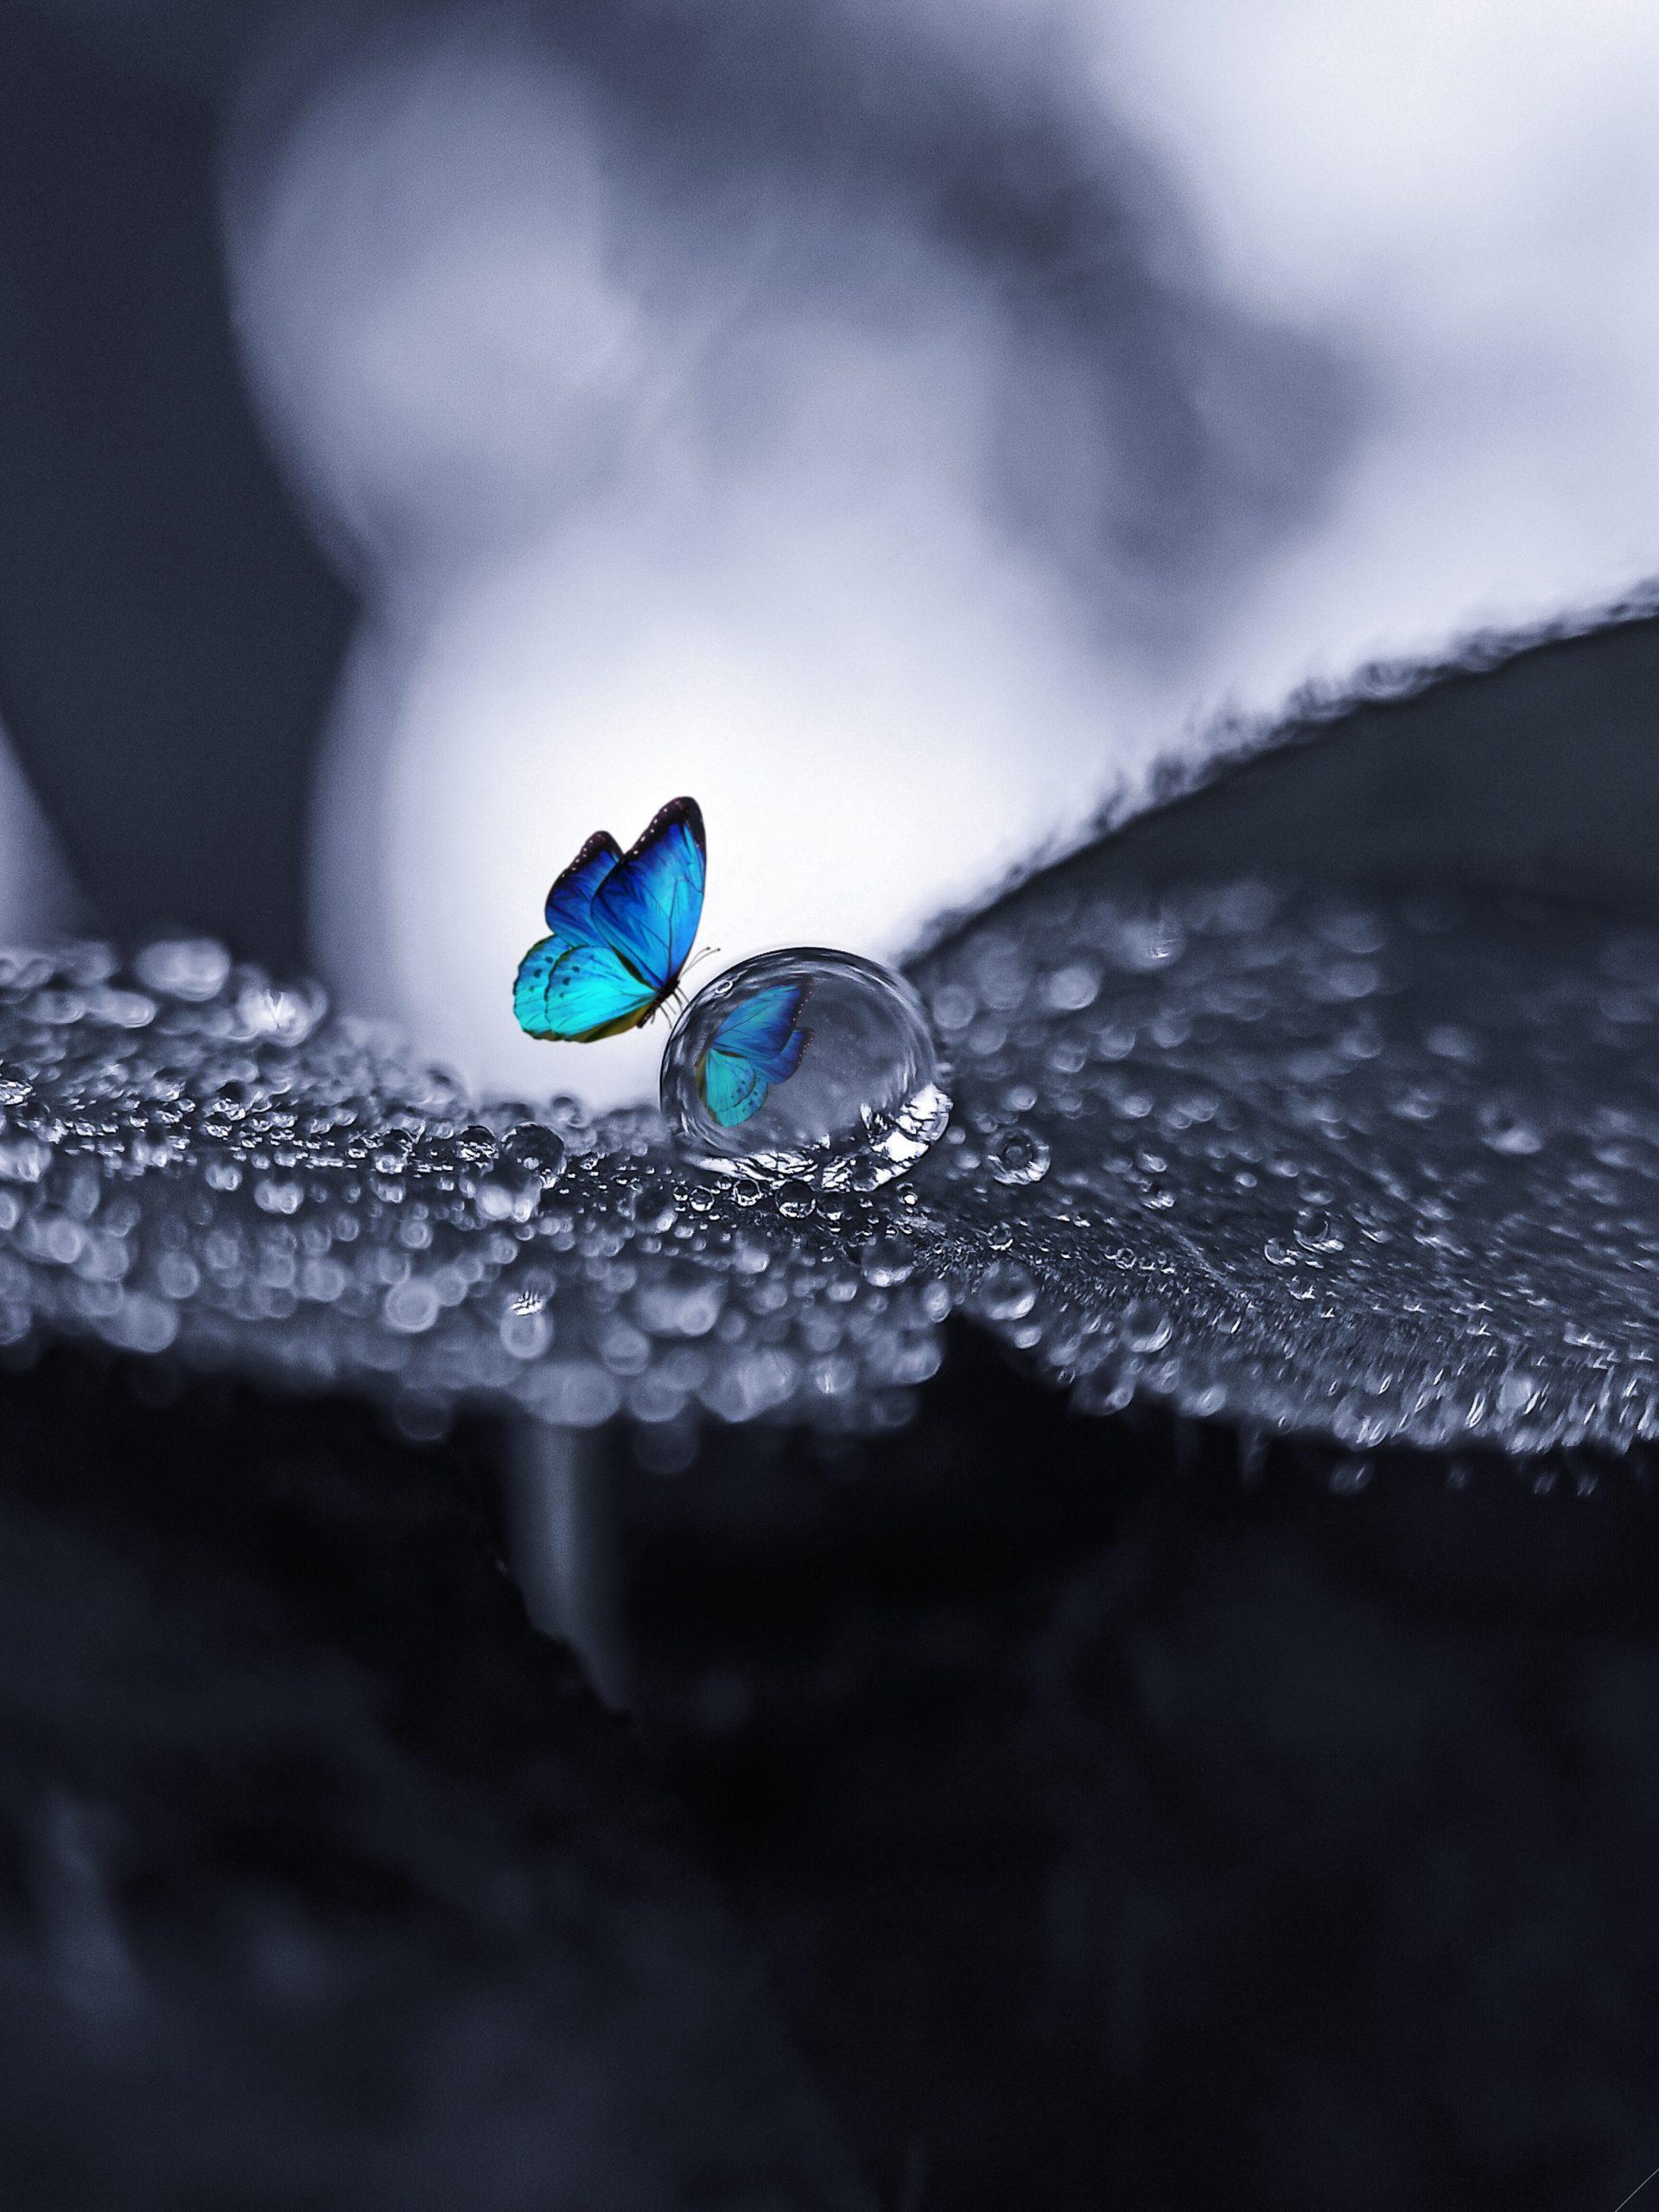 Butterfly on drop